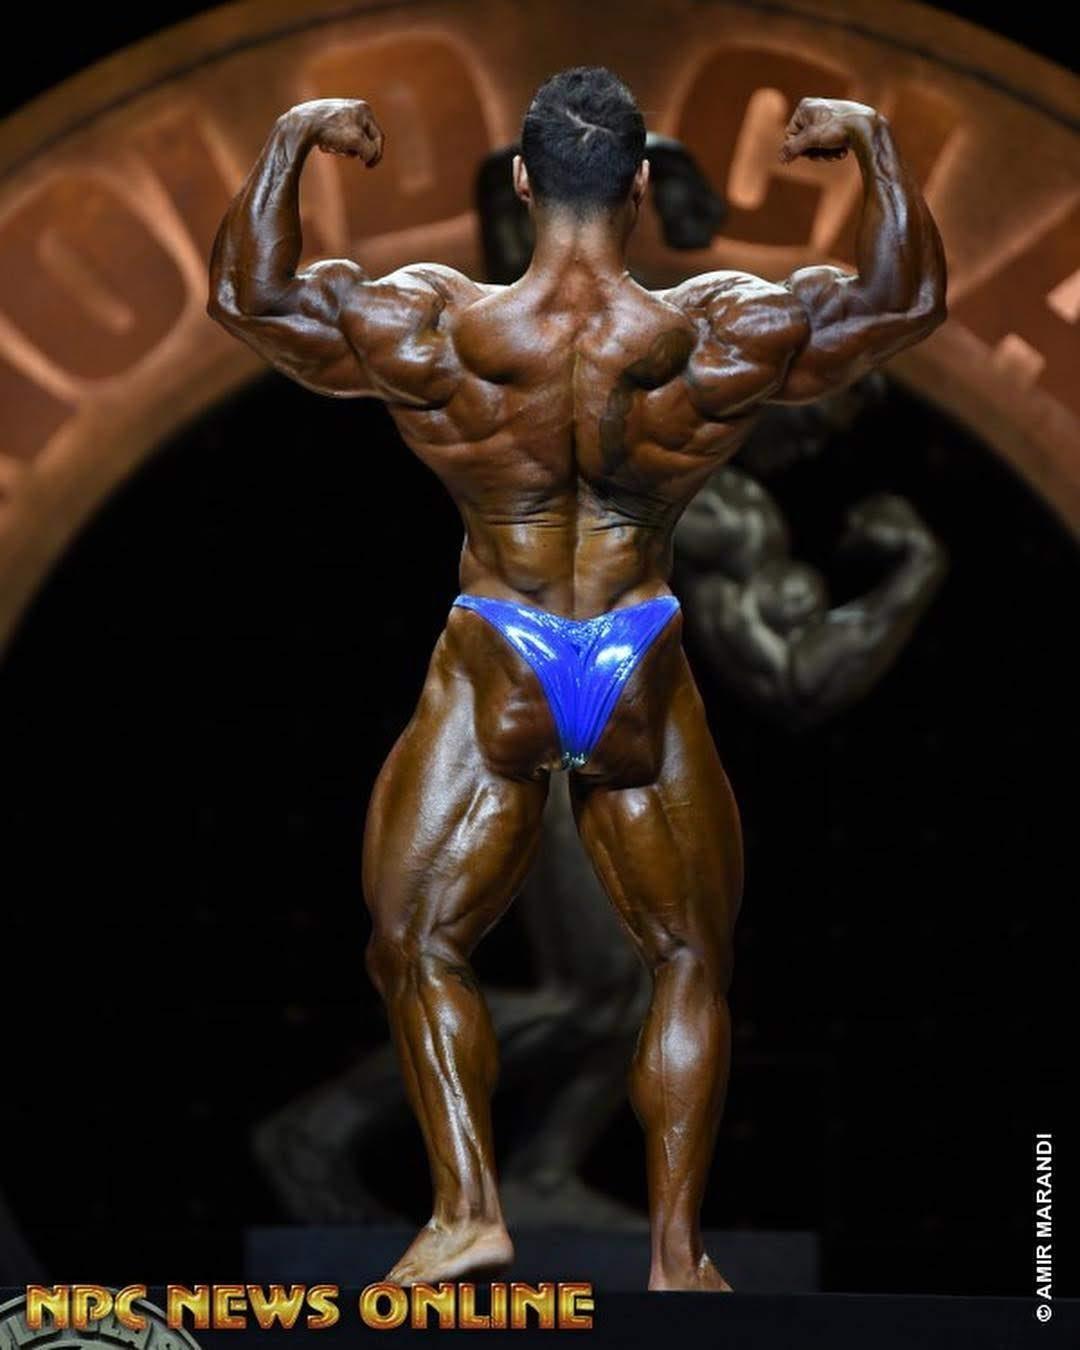 Rafael Brandão executa pose duplo bíceps de costas no prejudging do Arnold Classic 2019. Foto: Amir Marandi